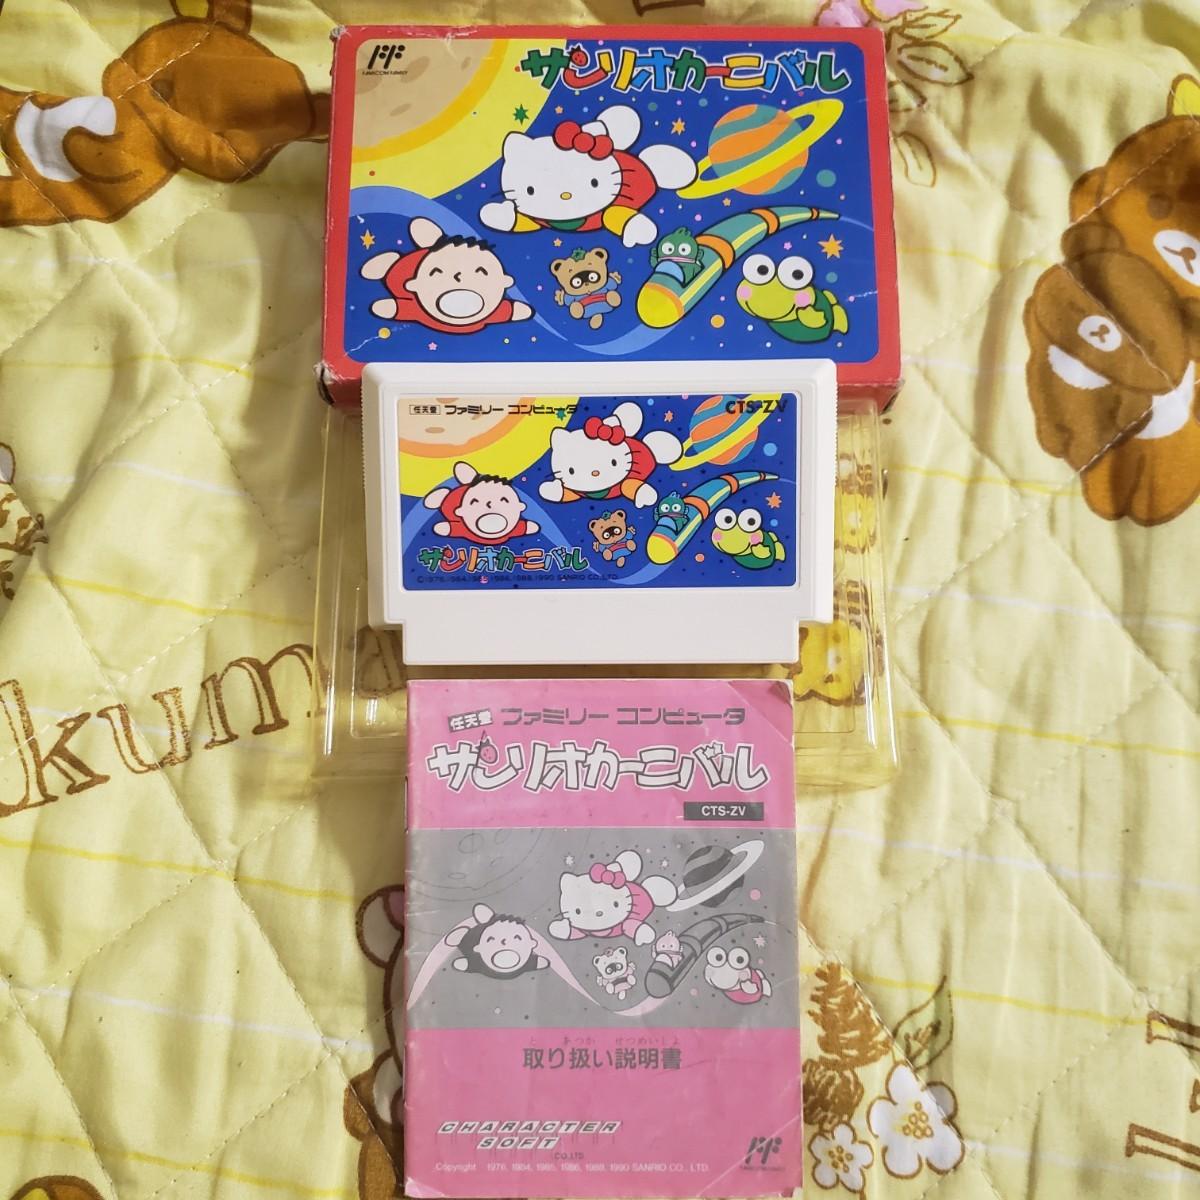 【箱・取説付・動作確認済】キャラクターソフト サンリオカーニバル ファミコン版